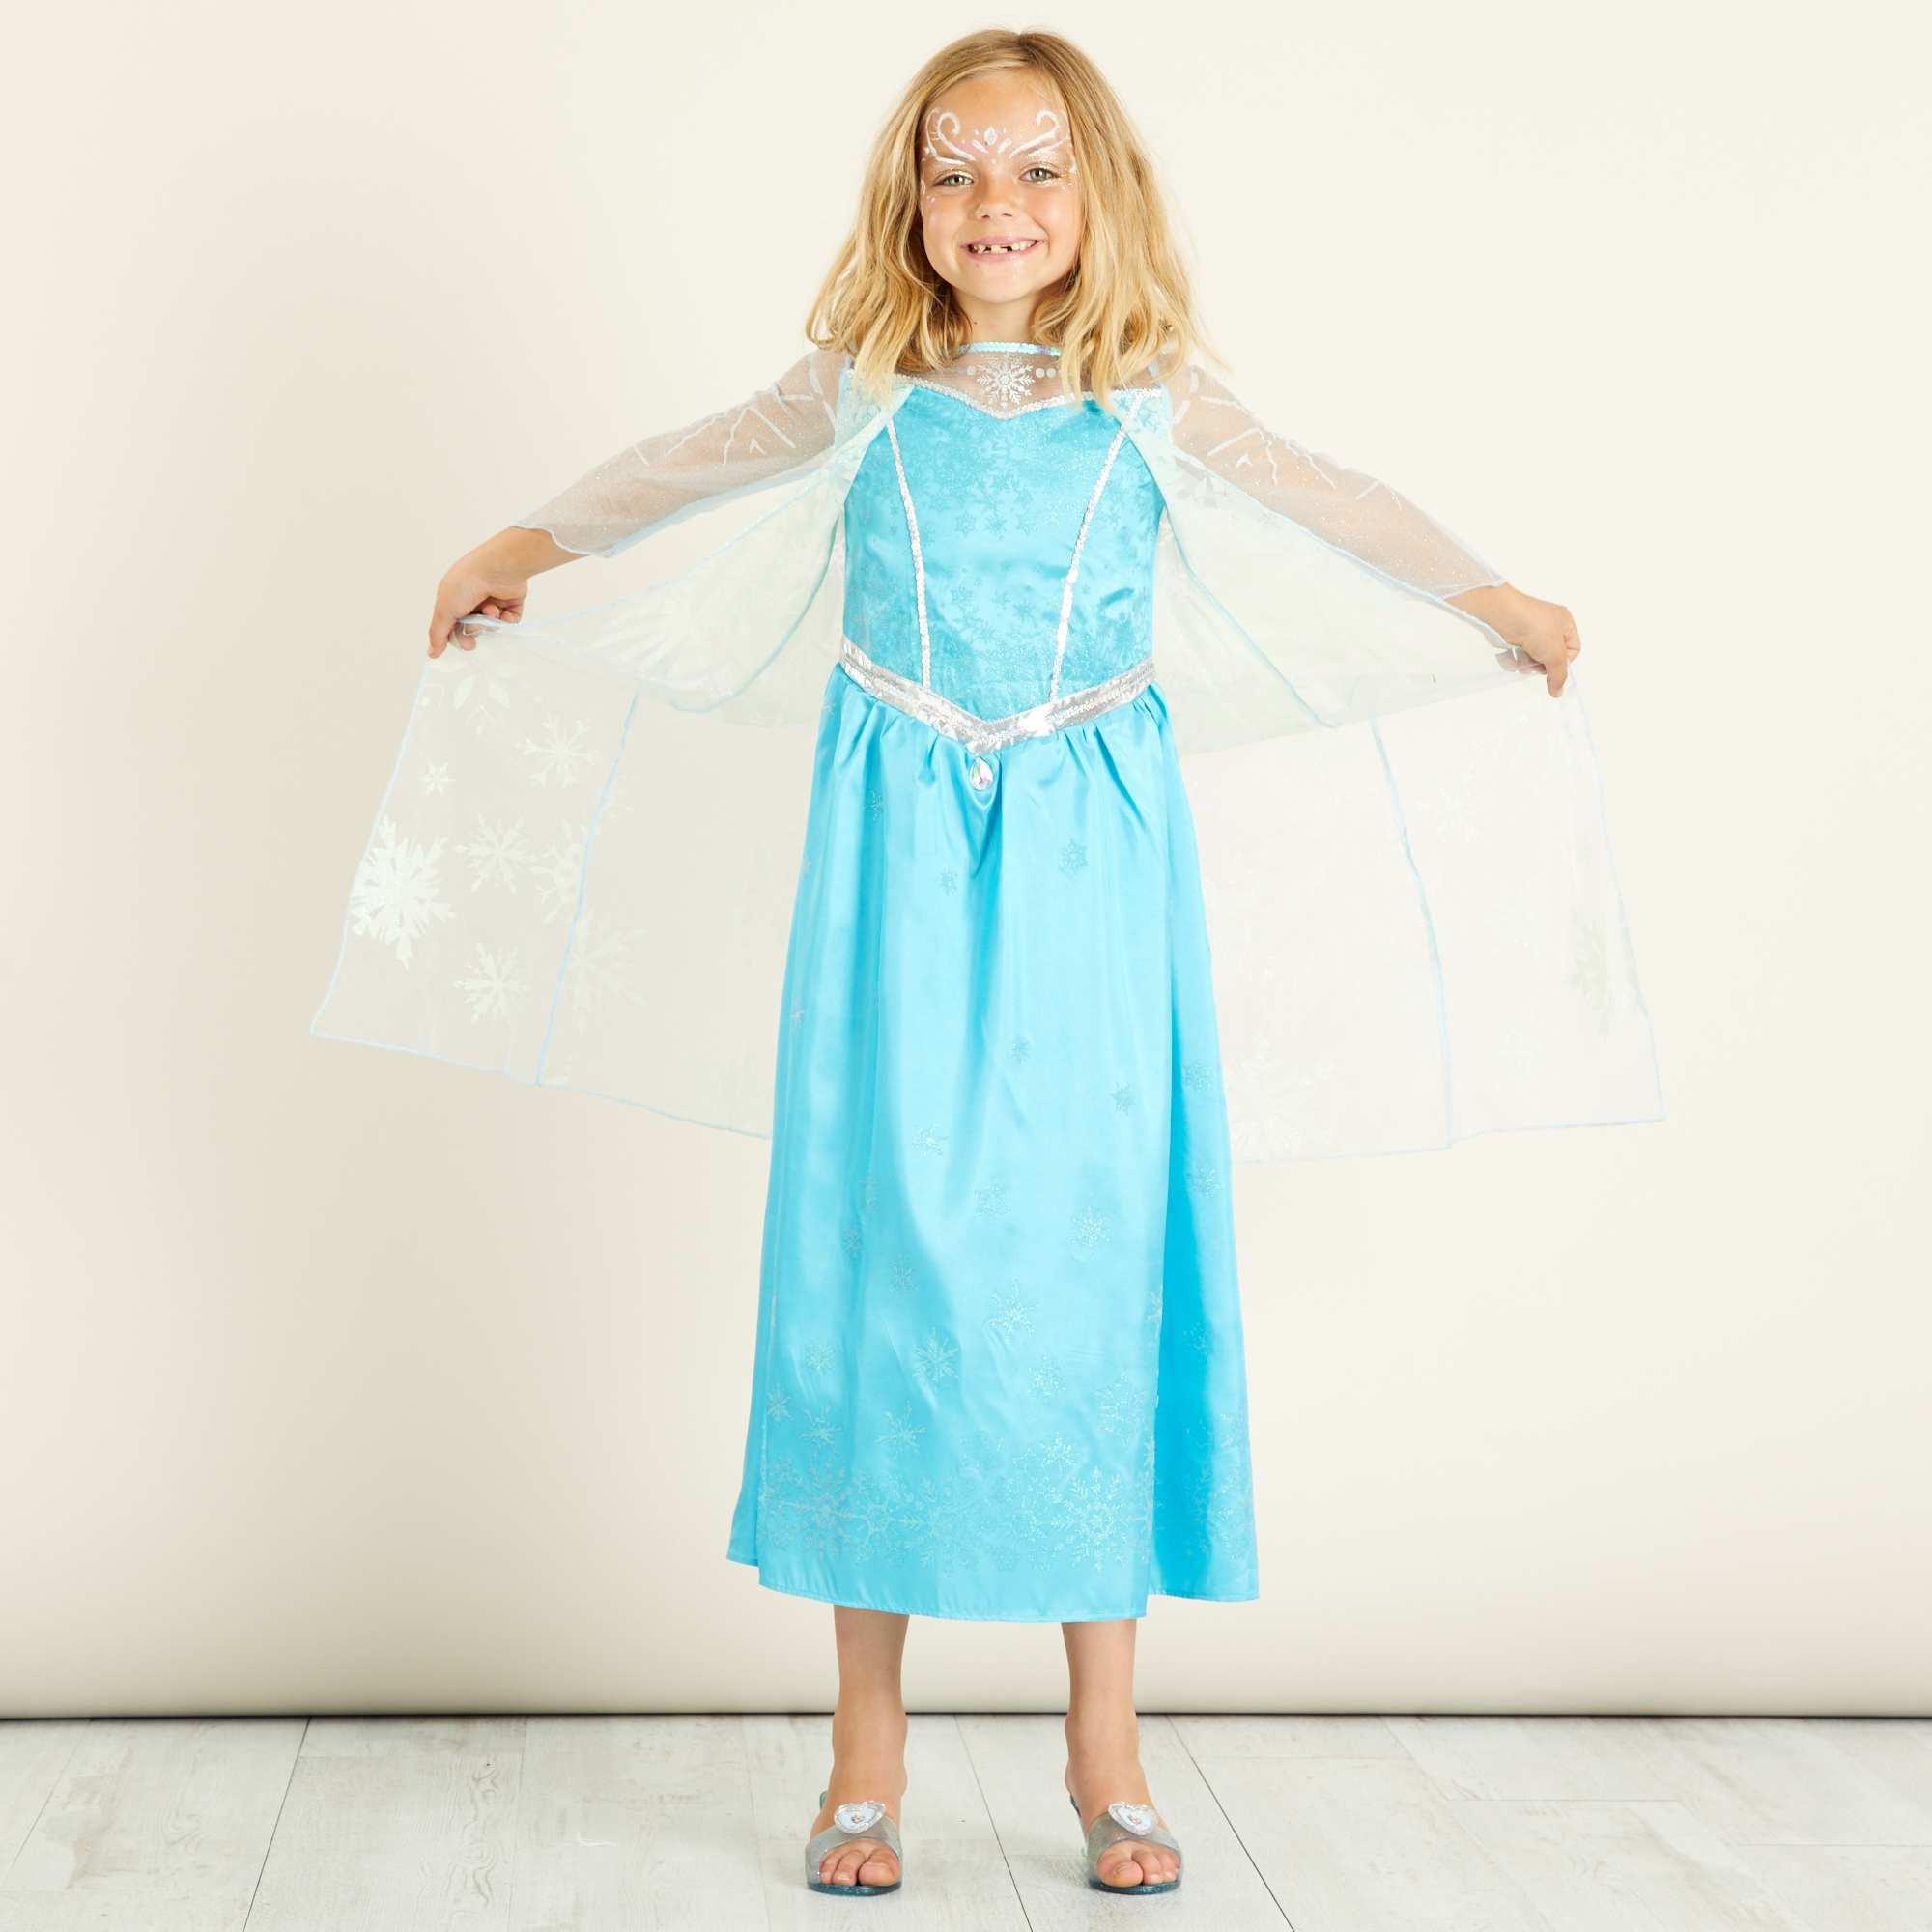 Couleur : bleu, , ,, - Taille : 7/8A, 5/6A, 3/4A,,Une robe 'Reine des Neiges' travaillée dans le détail : cape à paillettes intégrée,